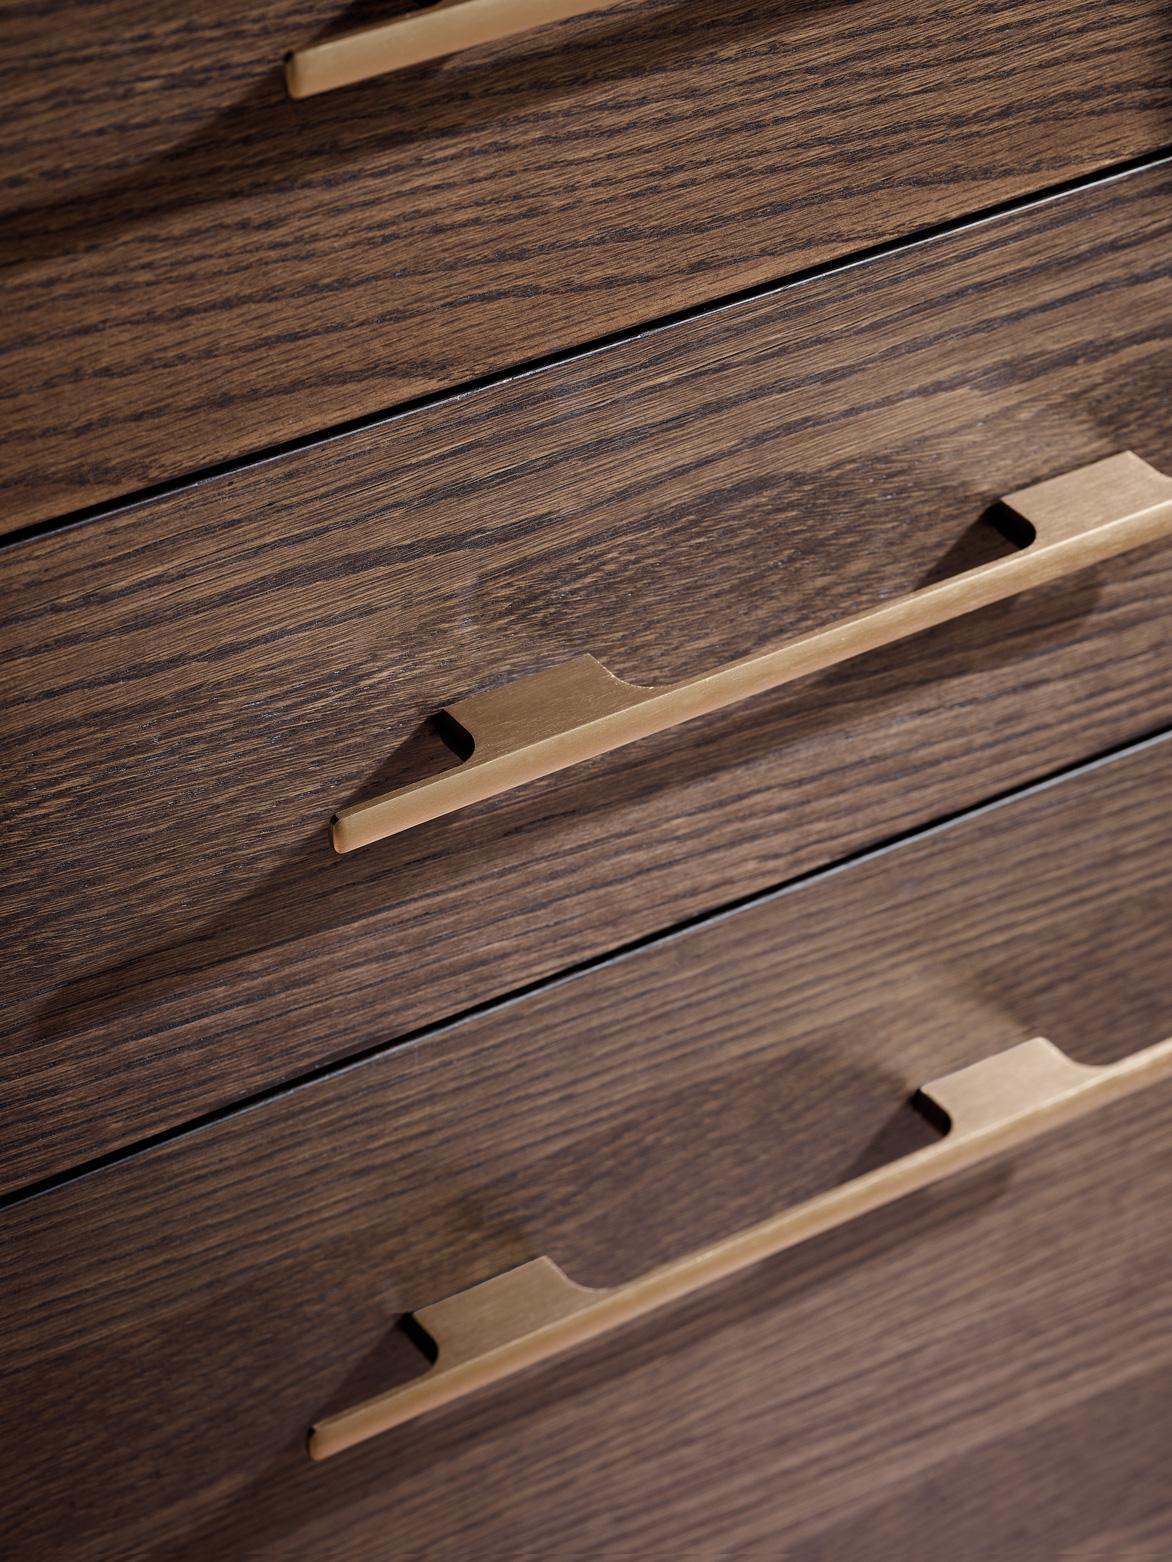 Úchytka TAU v rozteči 286mm a povrchové úpravě broušená mosaz aplikovaná na dřevěný nábytek.